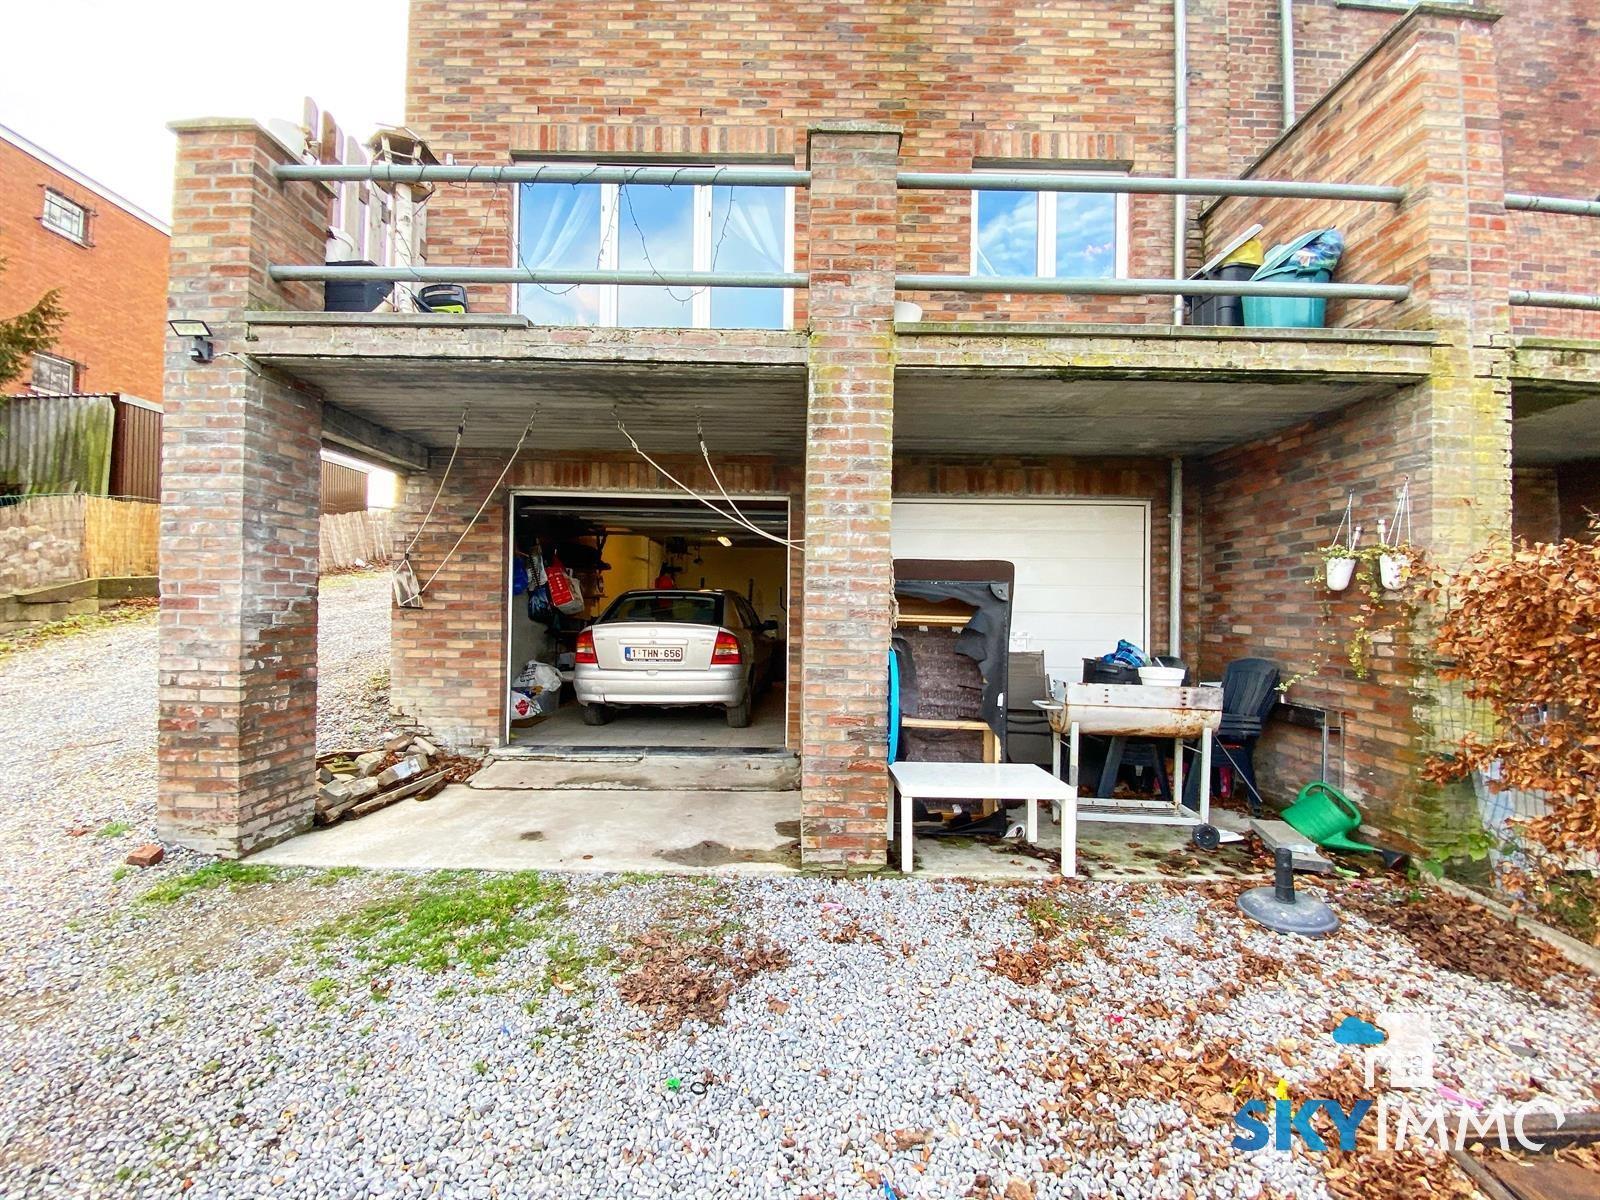 Maison - Liege - #4314599-32